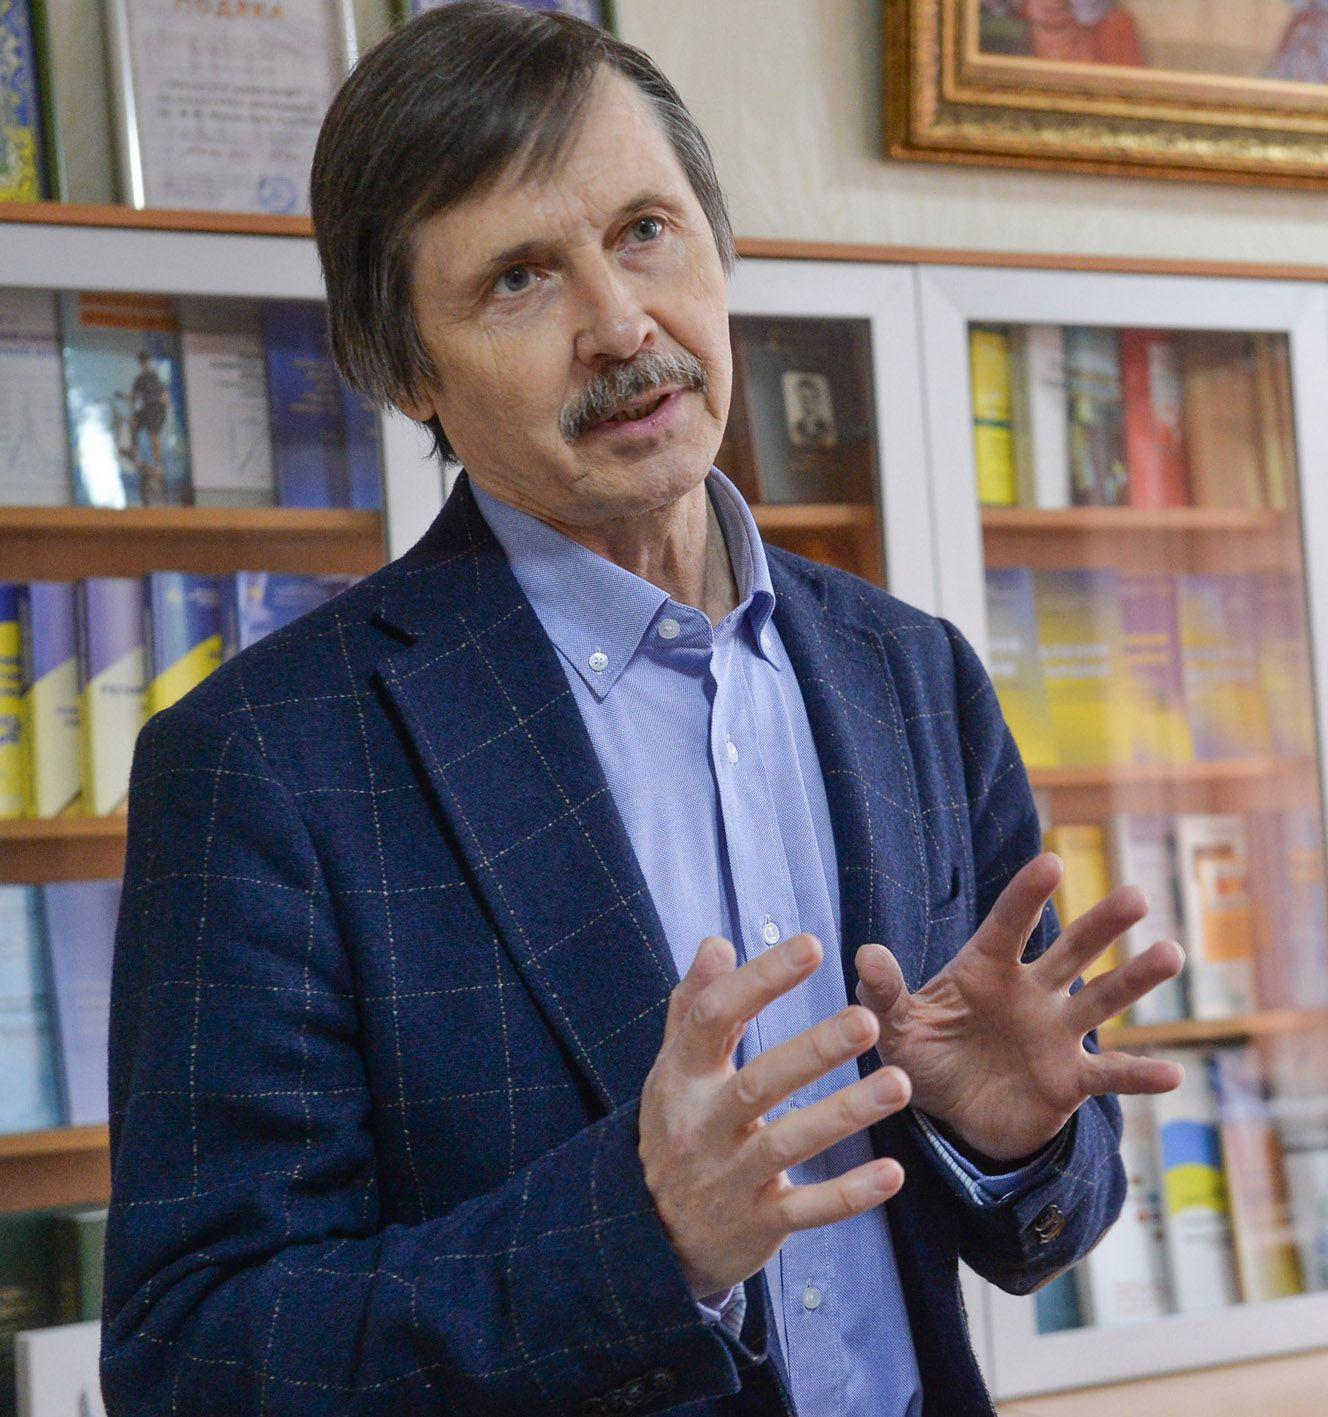 Україномовний Донбас та «Воронеж наш!», або Як демографічні дослідження допомагають тримати в тонусі державний імунітет